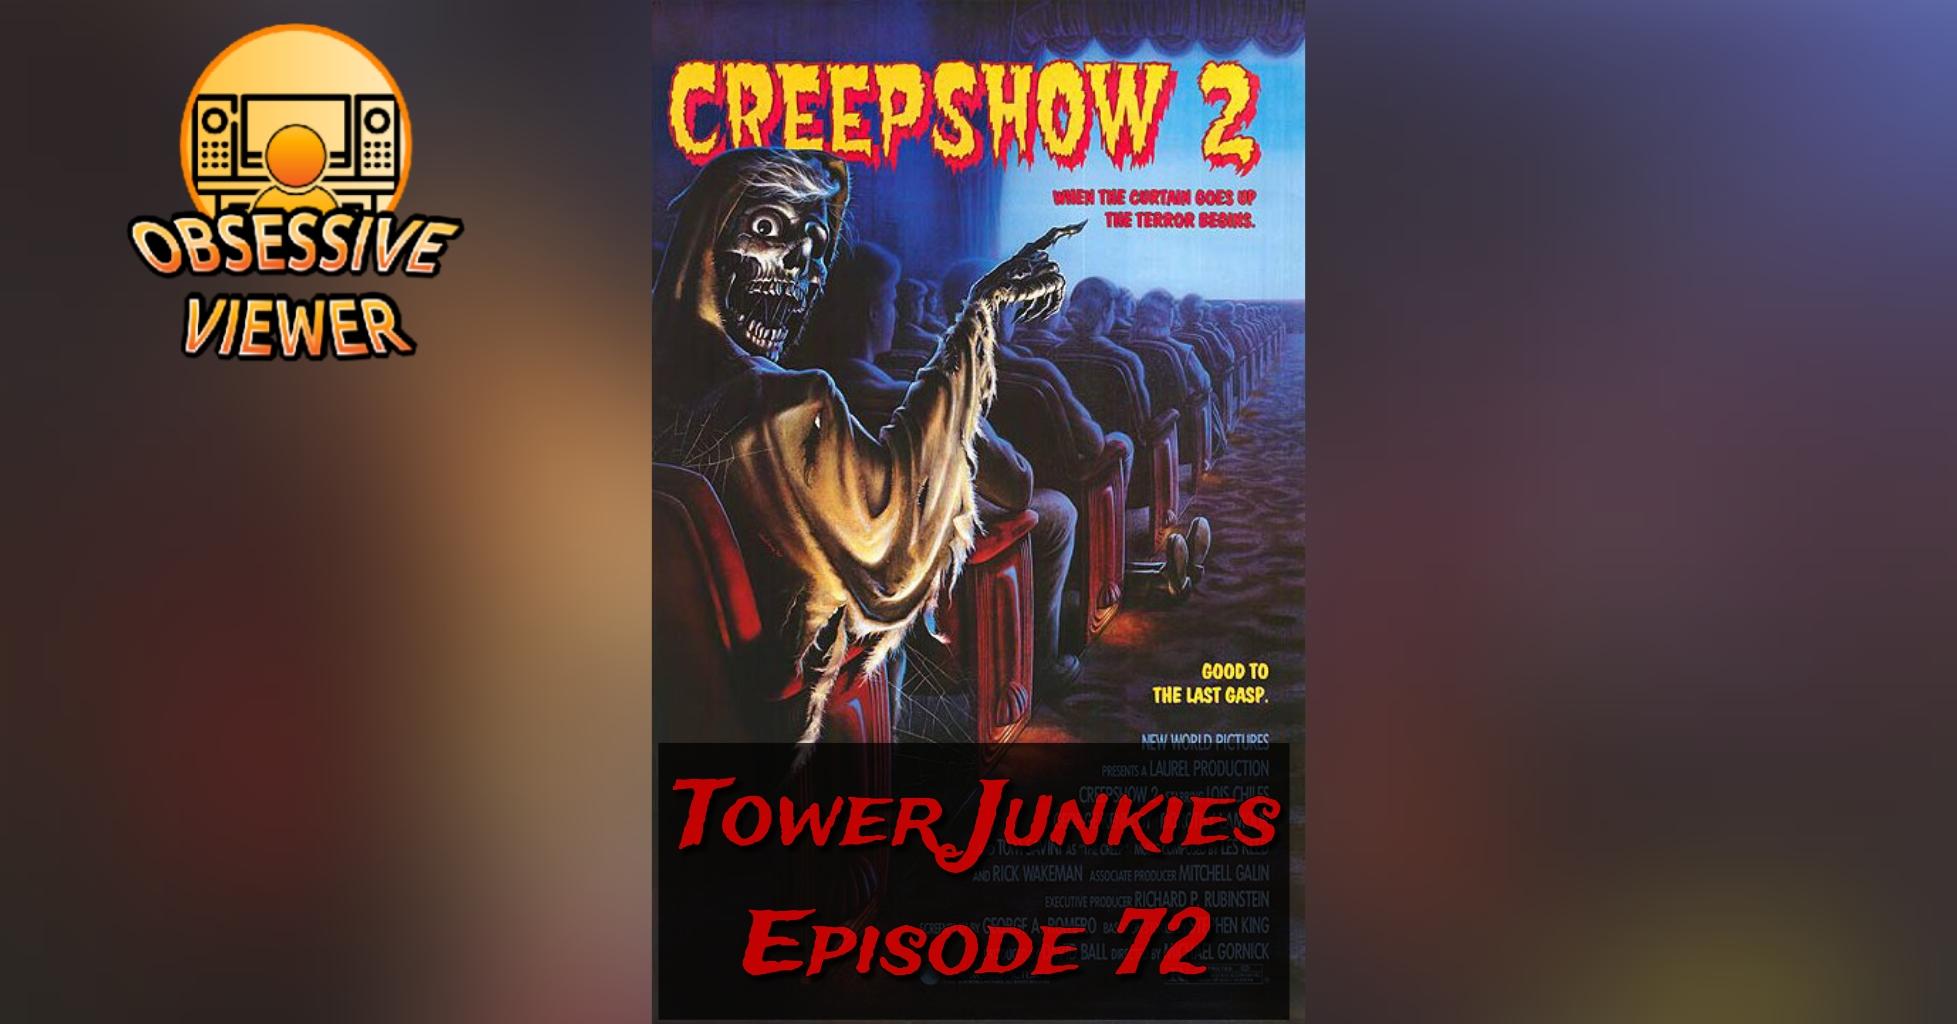 Tower Junkies – 072 – Movie – Creepshow 2 (1987)